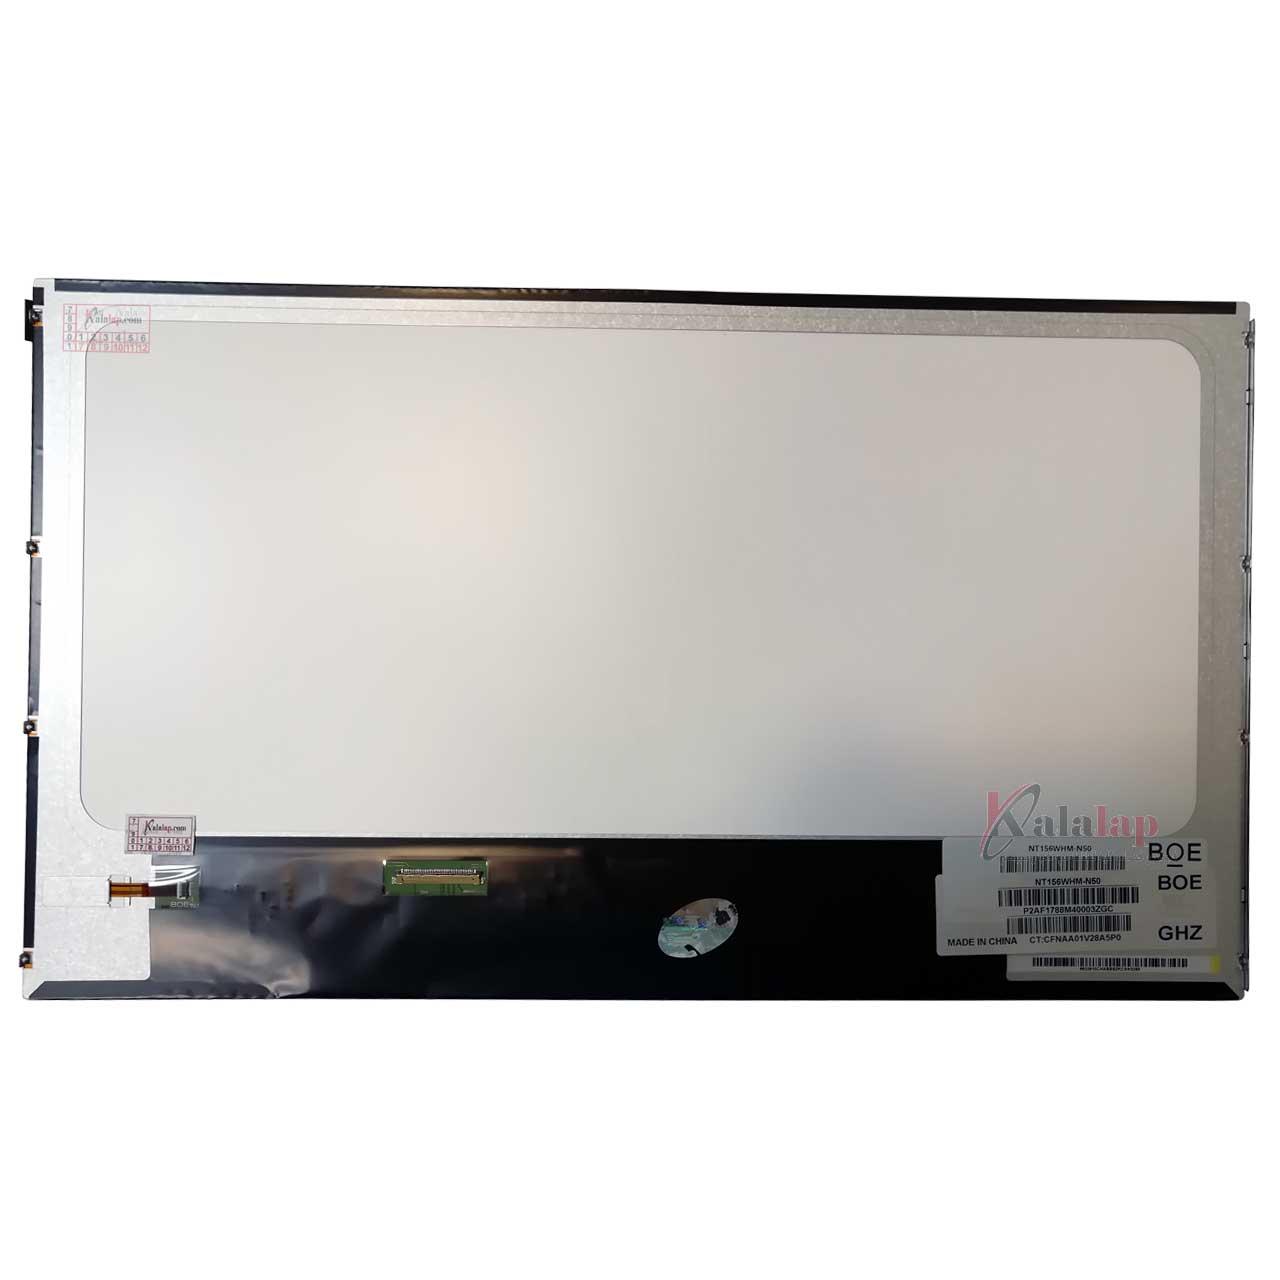 ال ای دی لپ تاپ LED LAPTOP 15.6 B.L NORMAL